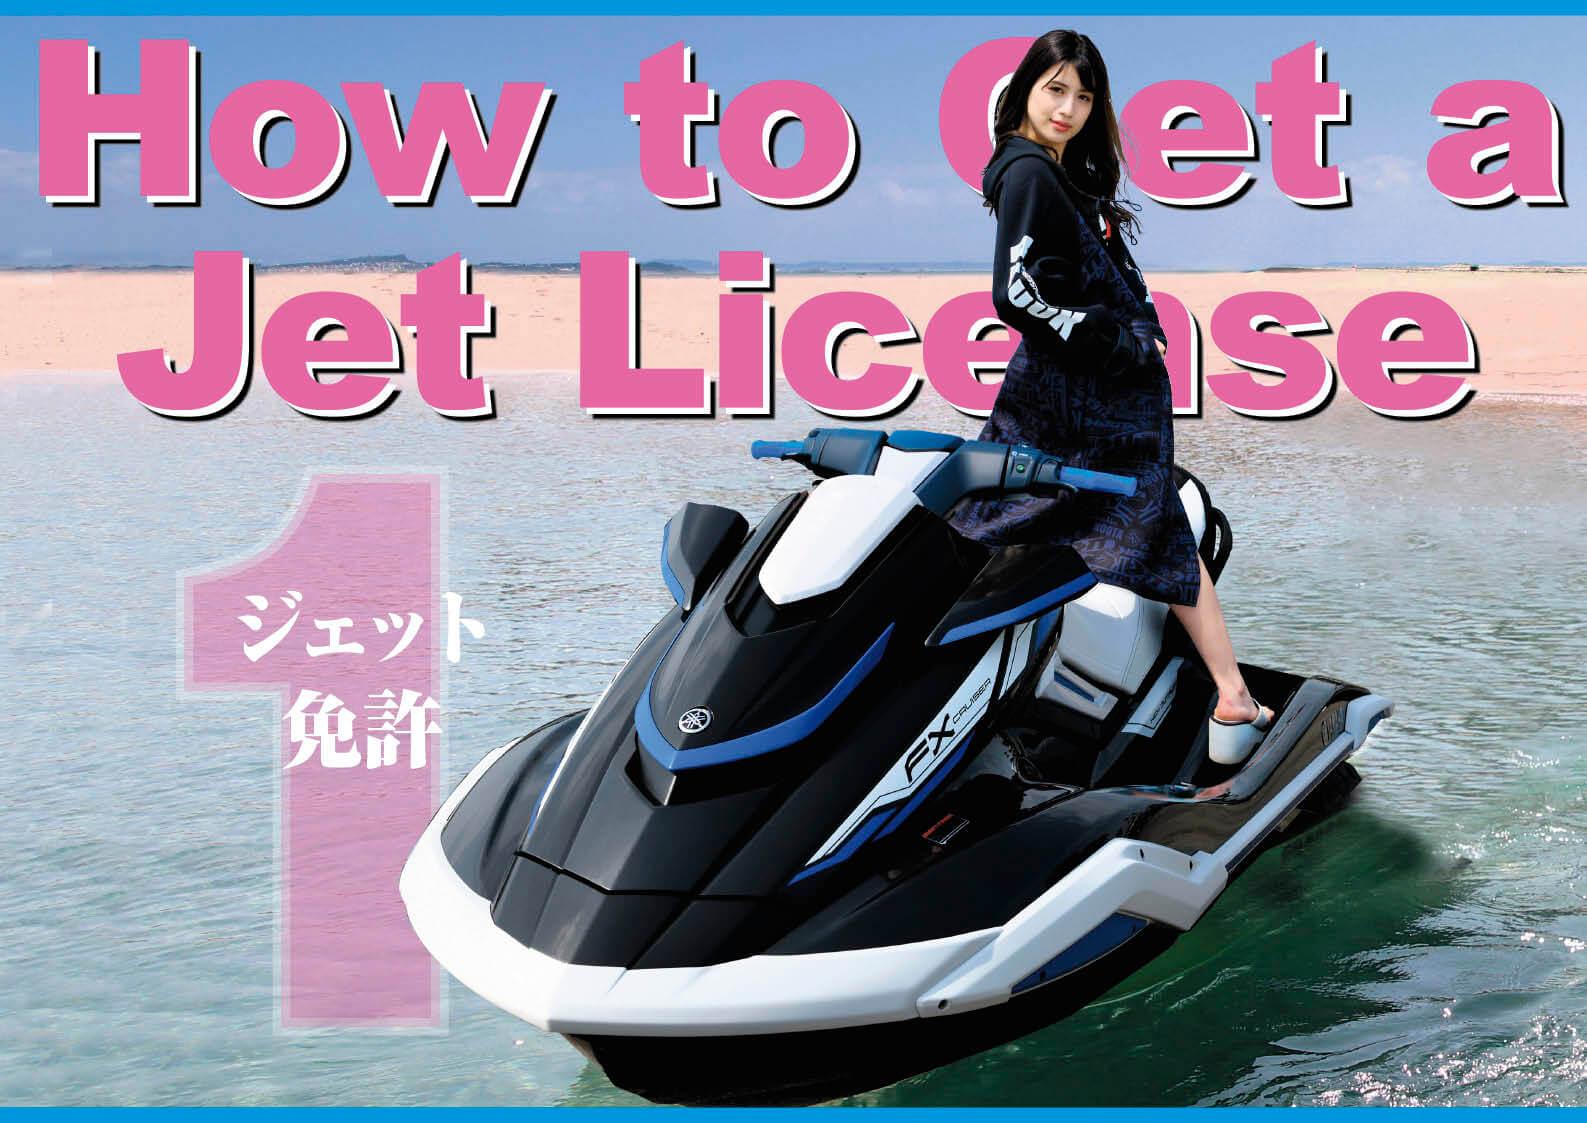 今、「初心者」が、買うべき水上バイクは?(ジェットスキー) (1/2)